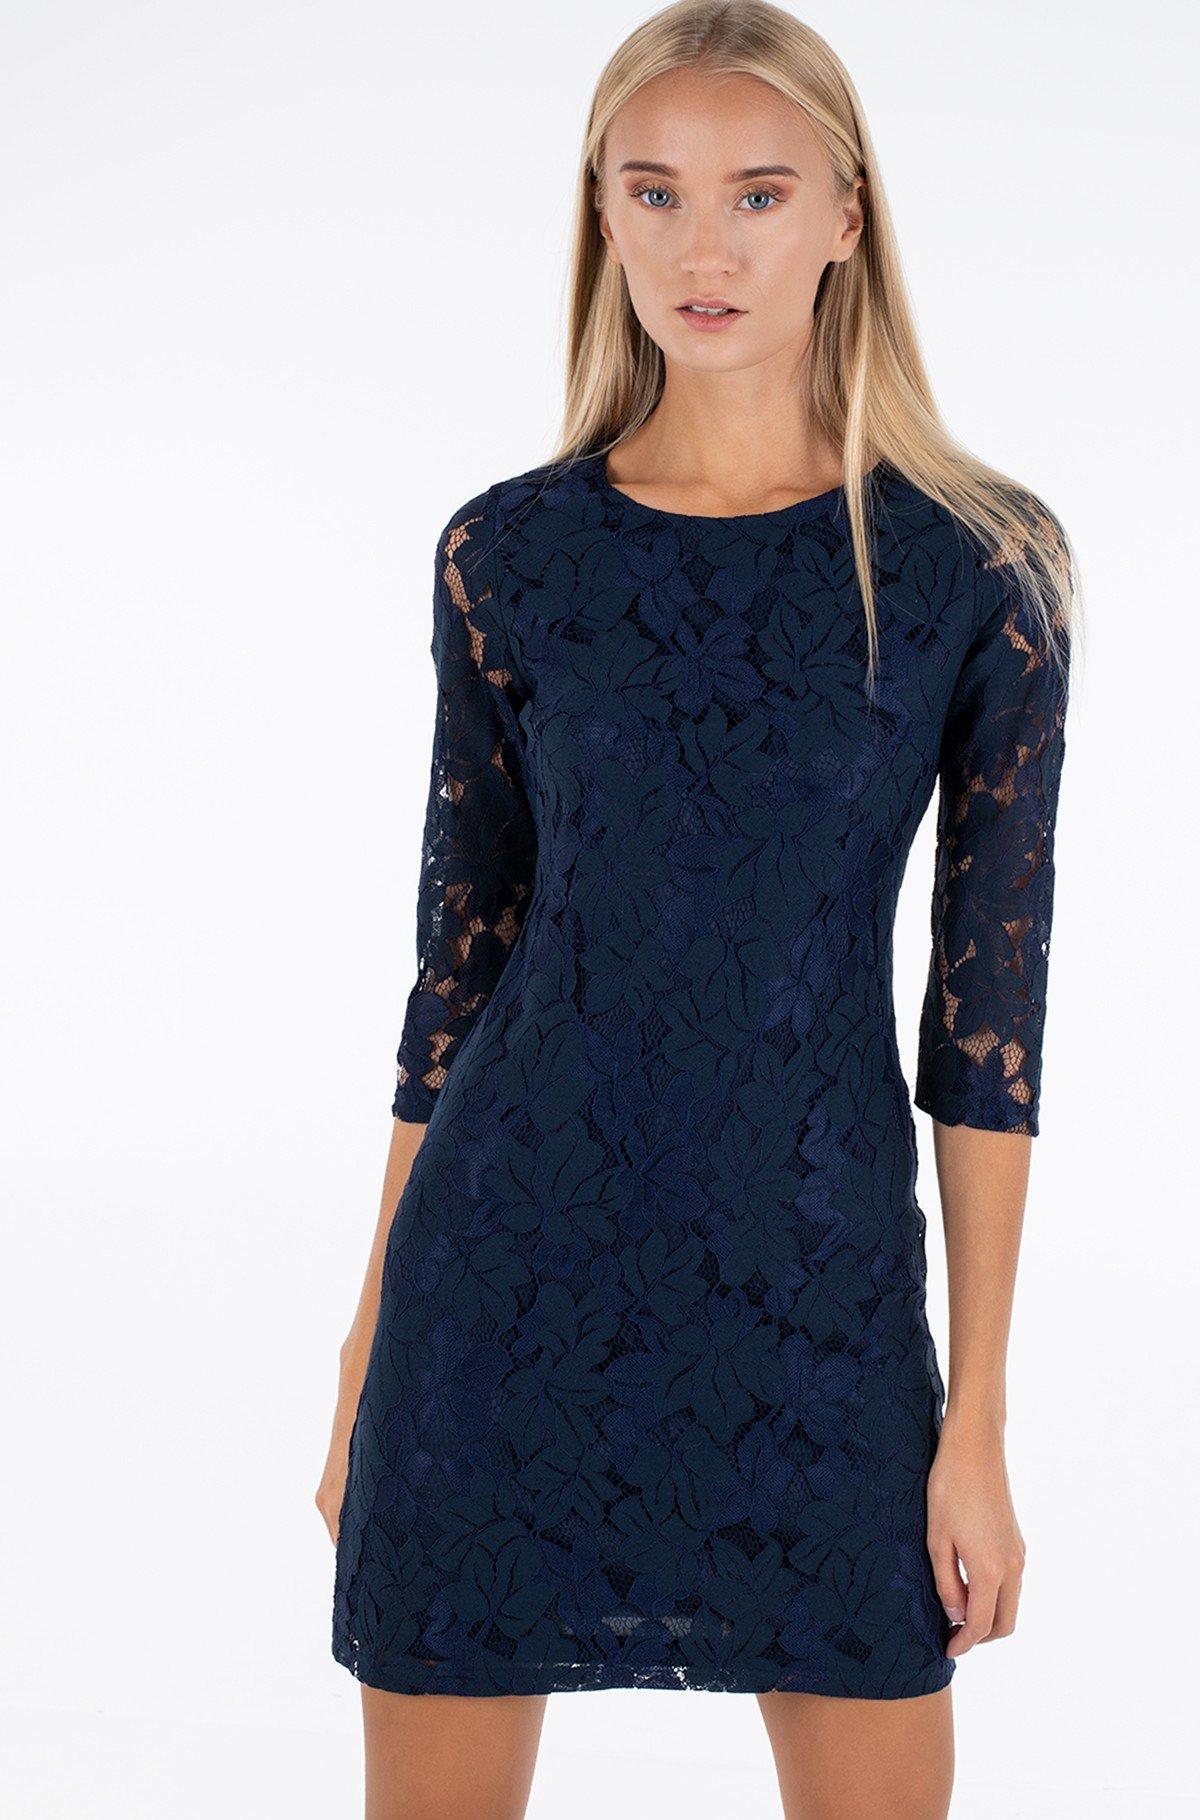 Suknelė su nėriniais N171H20-full-1